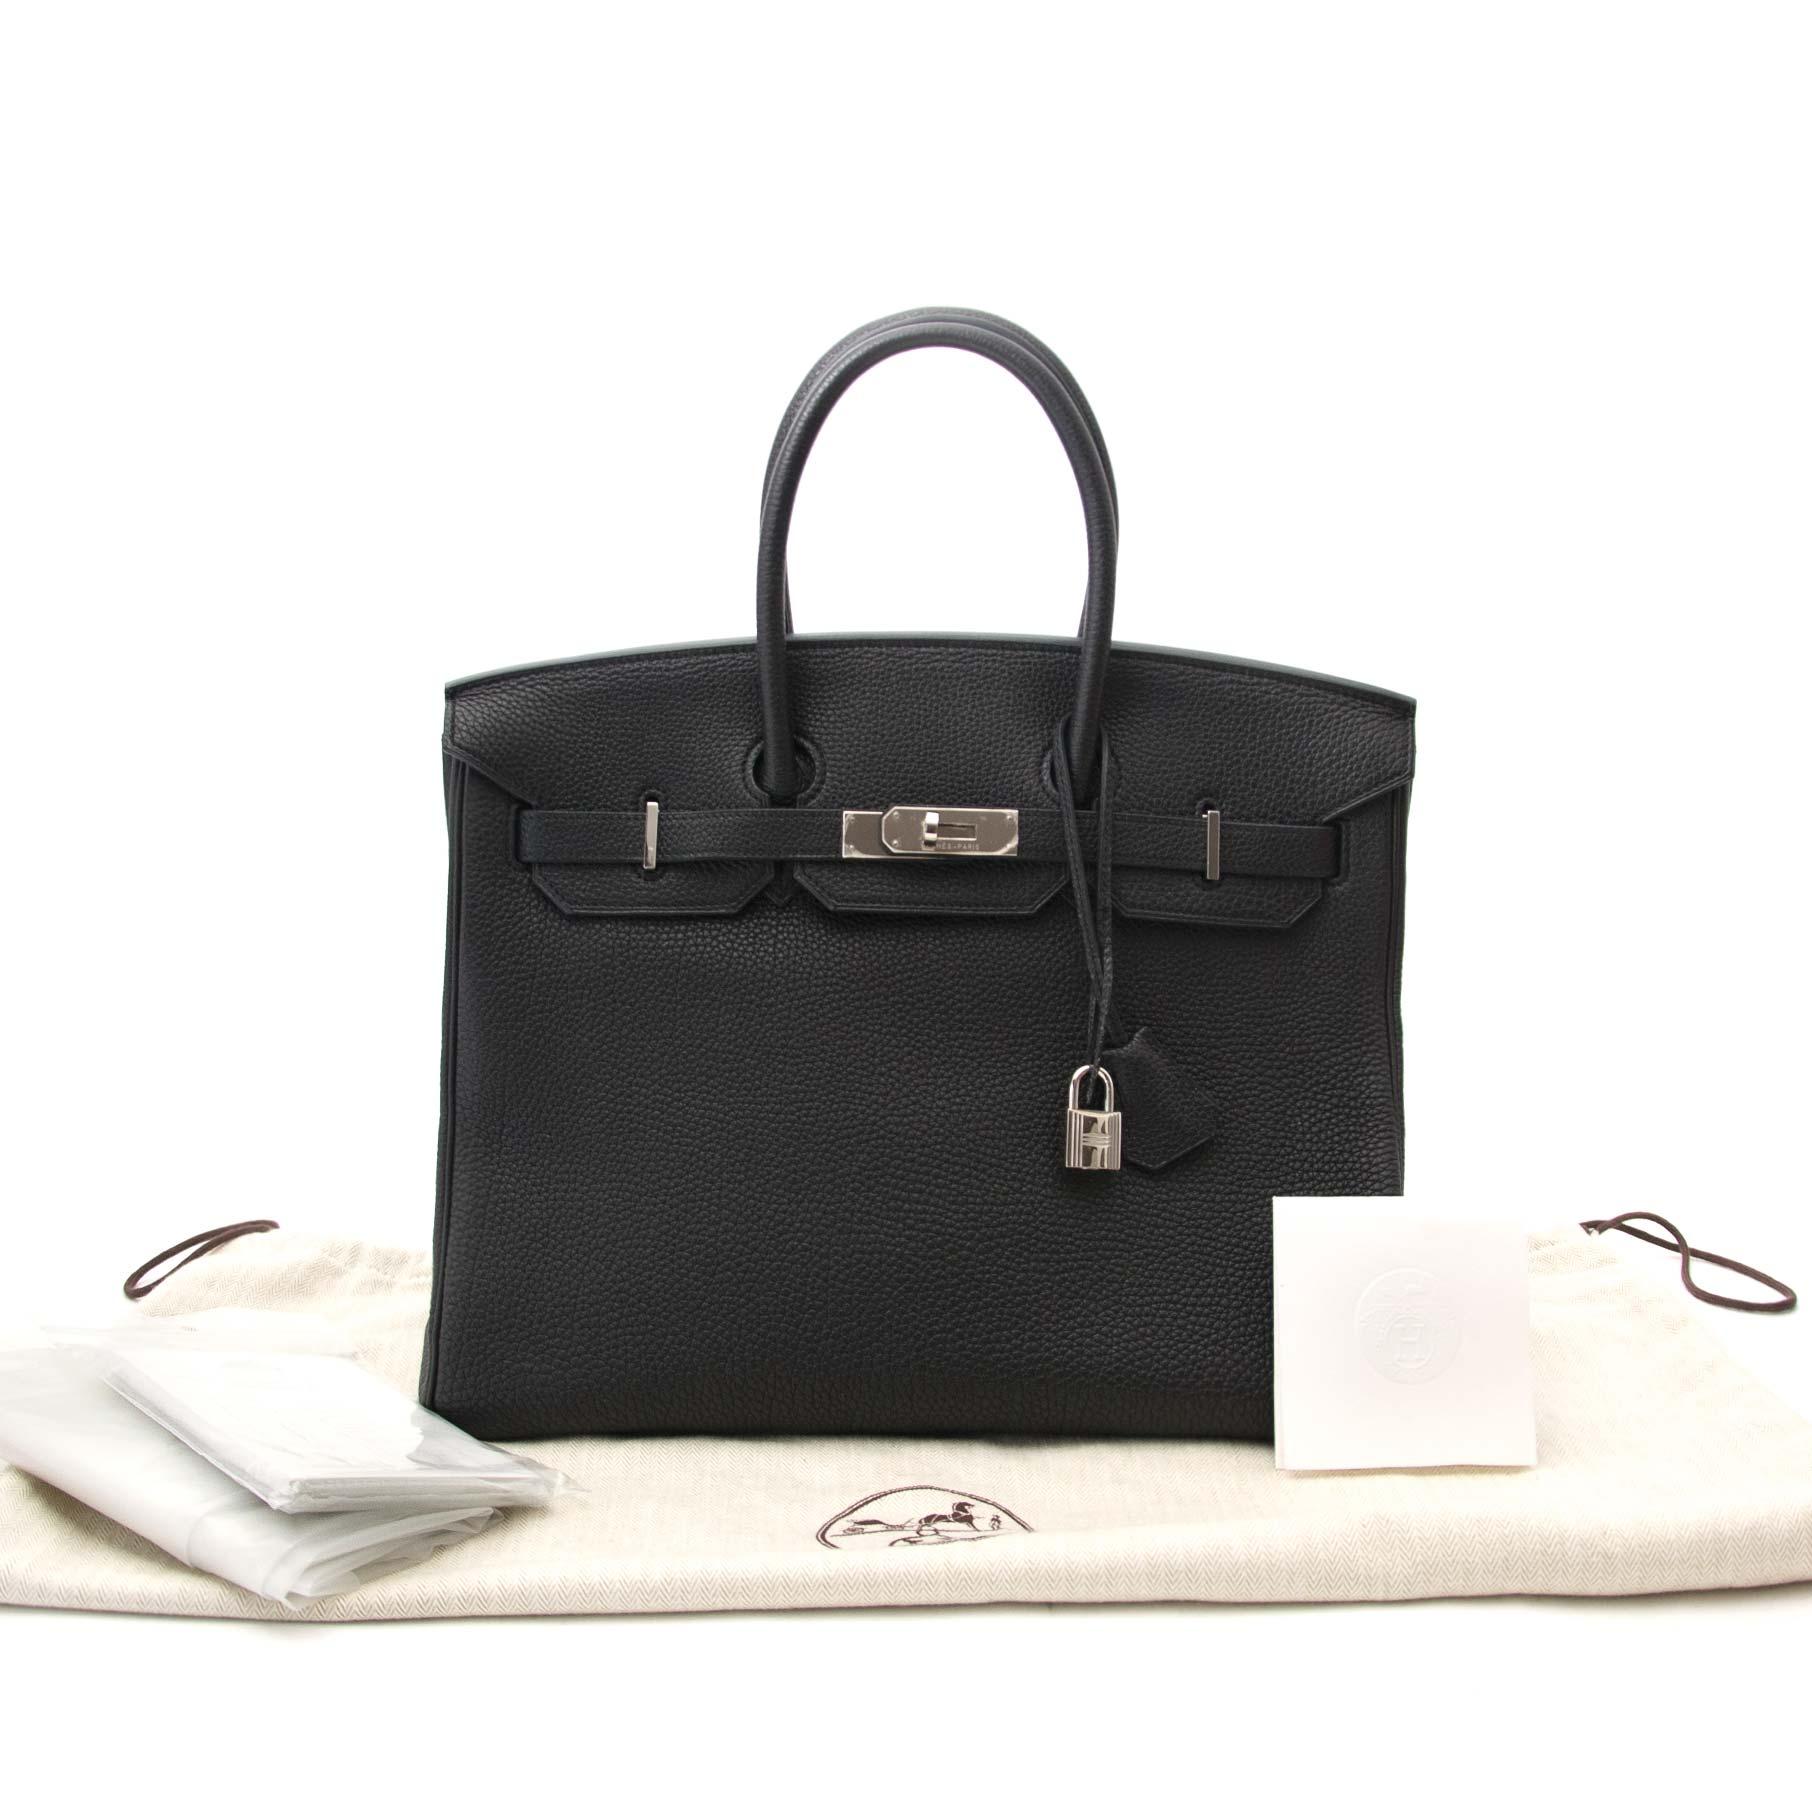 Hermès Bikrin 35 togo black phw now online at labellov.com shop your hermes  birkin safe and secure online at labellov.com cafdb4b5ae036